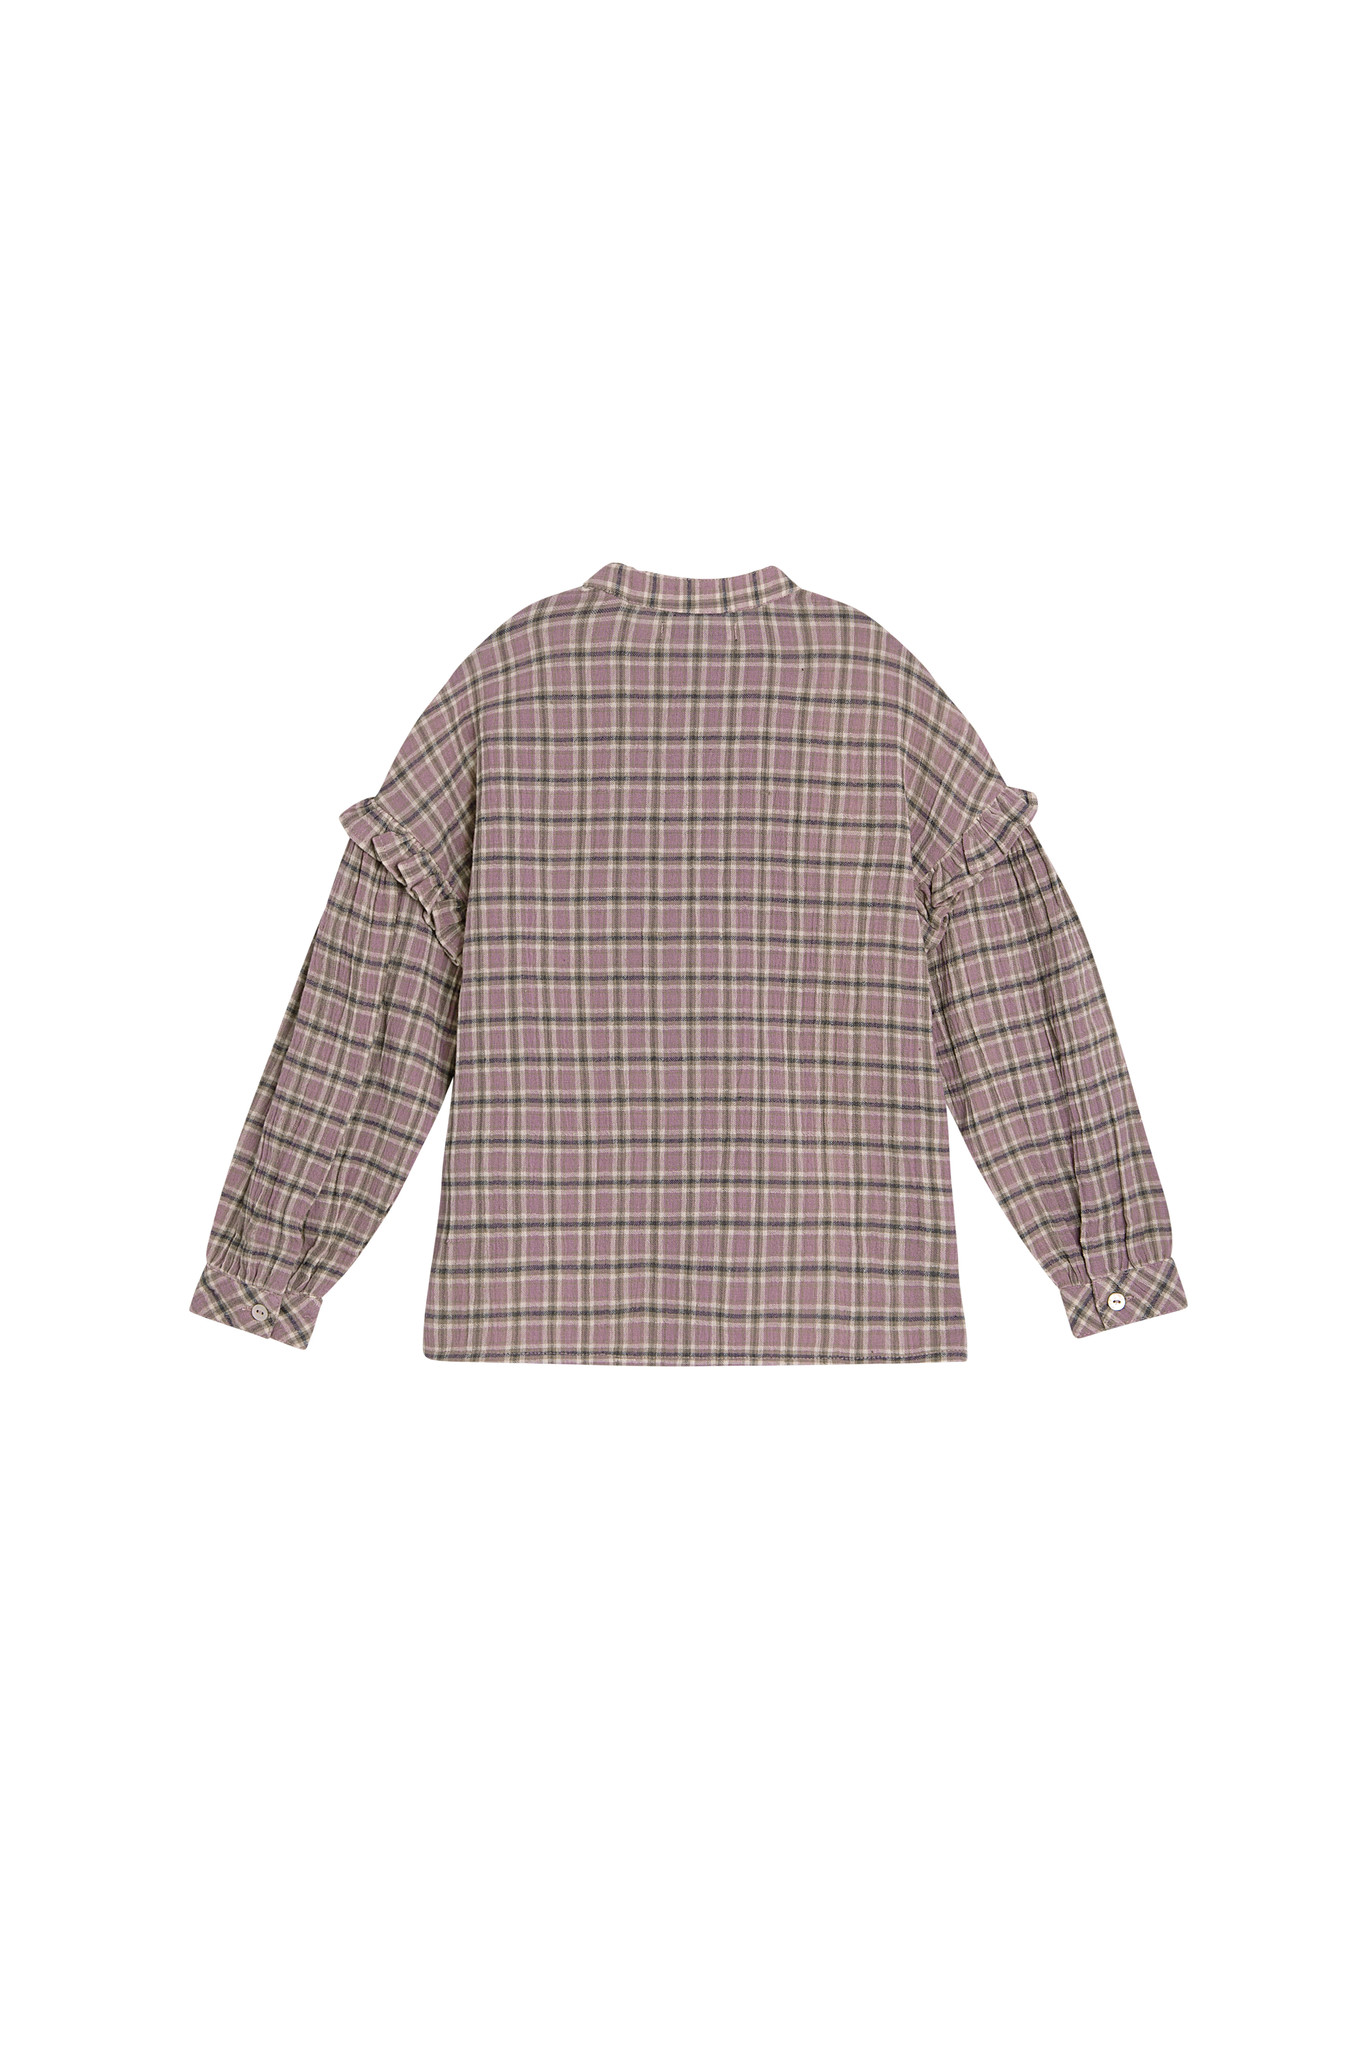 Bella blouse - Check Lavanda-2